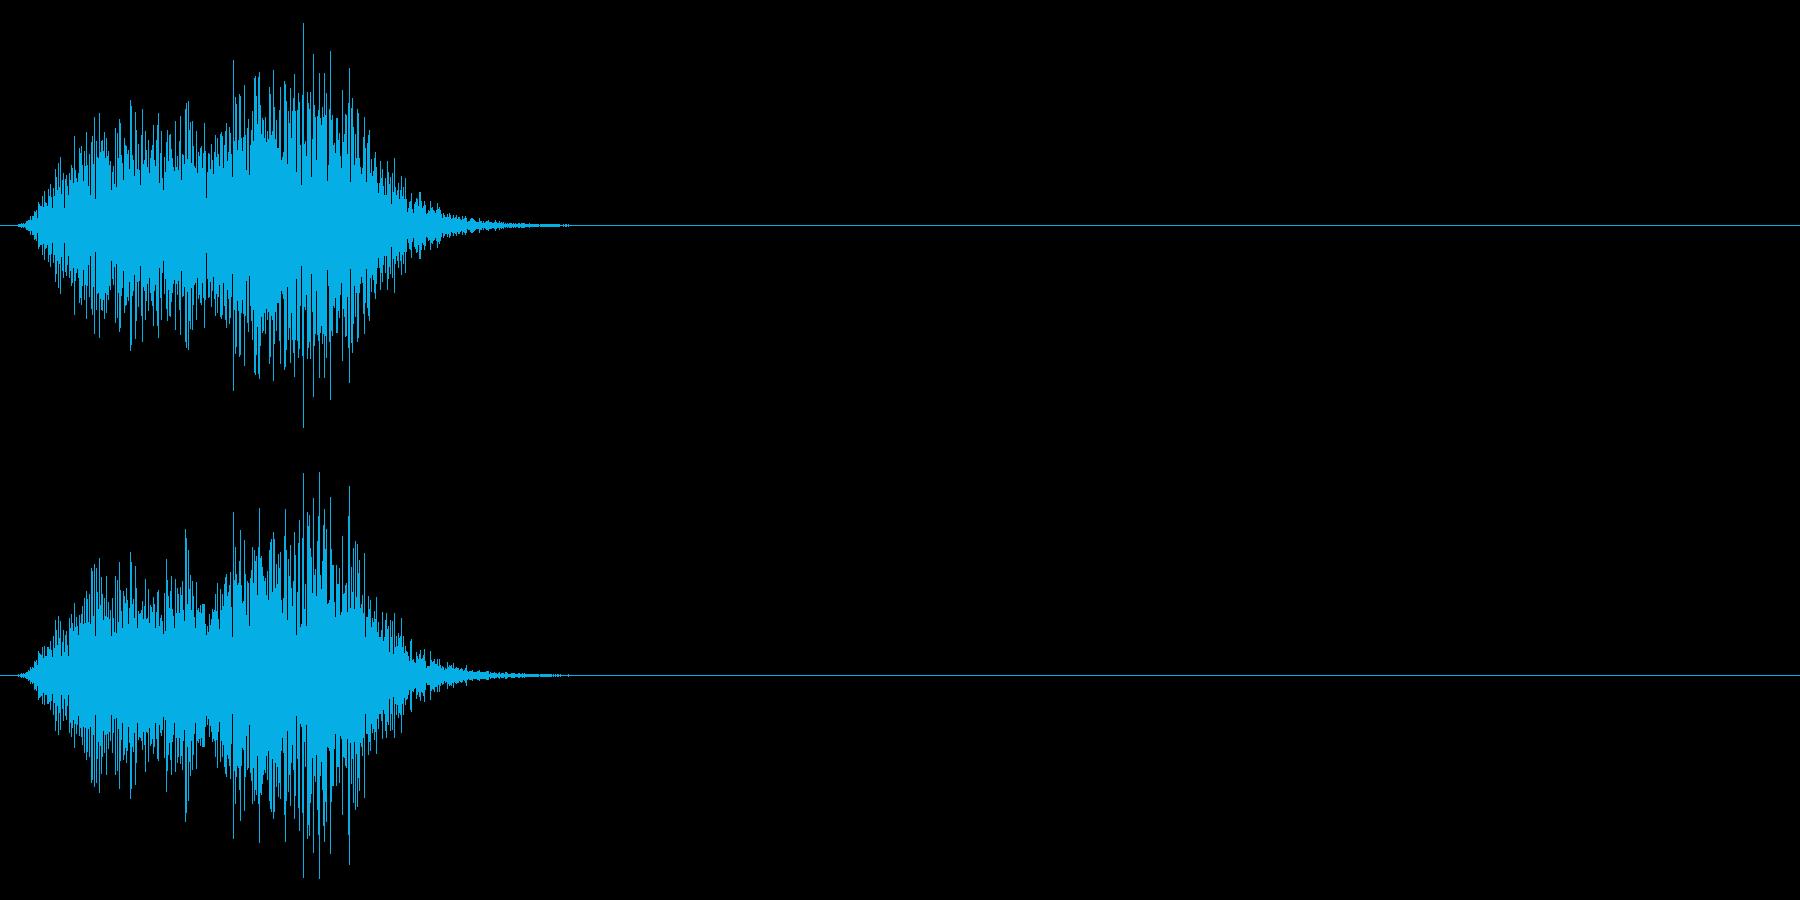 カケスの鳴き声(カラスの一種)の再生済みの波形